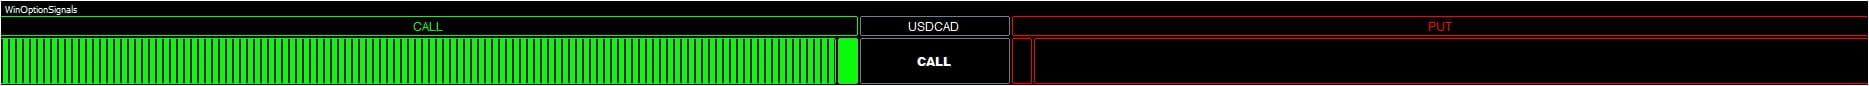 шкала сигнала call бинарные опционы